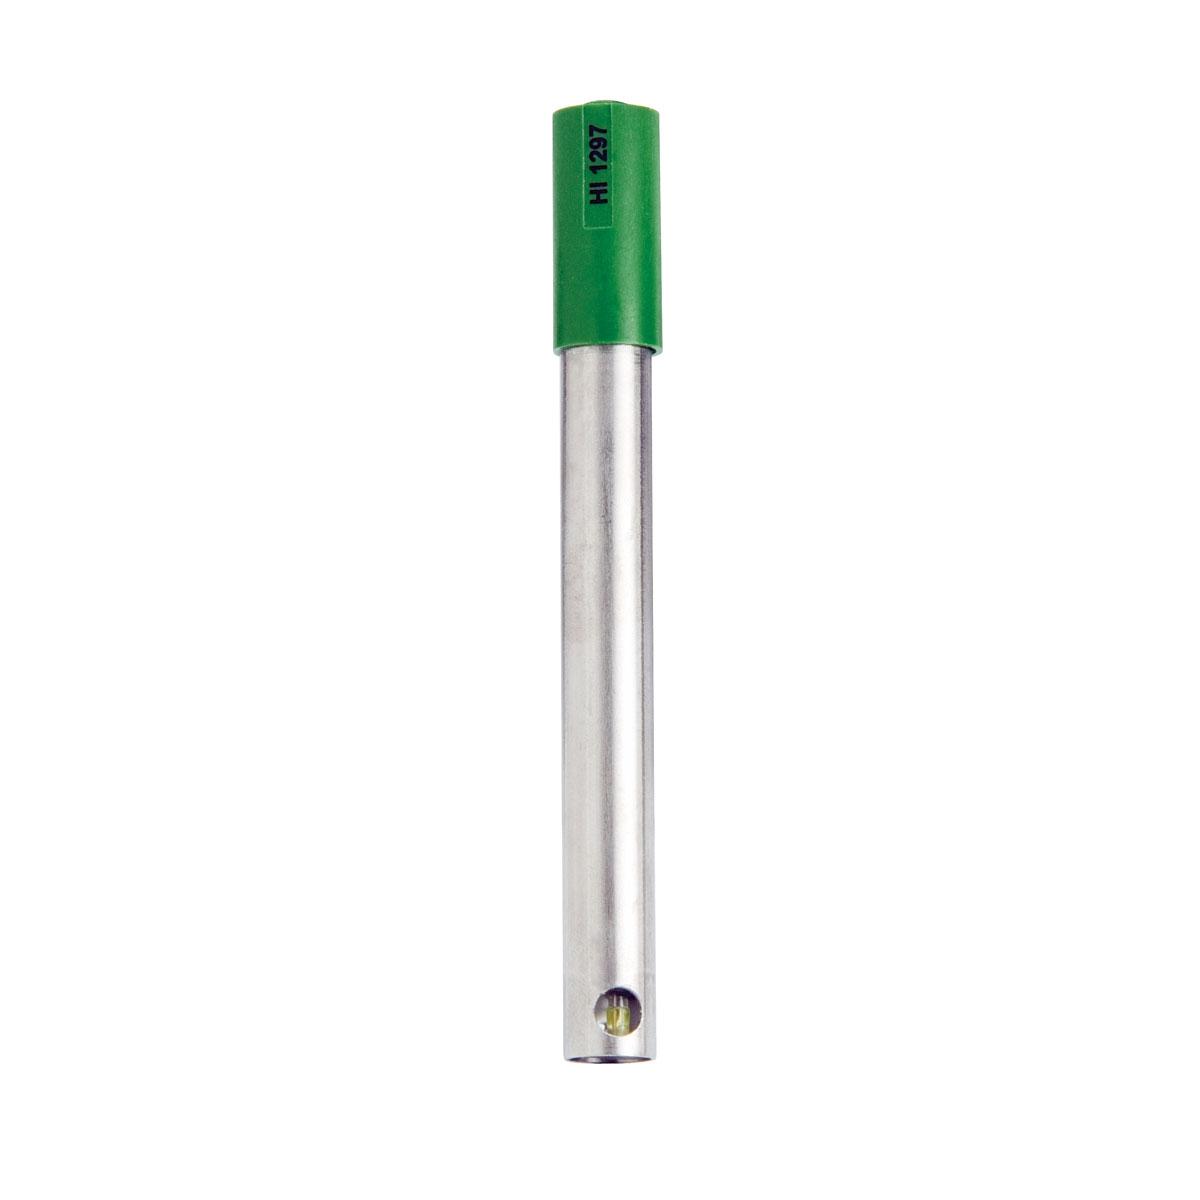 Electrodo de pH / ORP con Cuerpo de Titanio y Conector DIN para Análisis de Tratamiento de Agua - HI12973